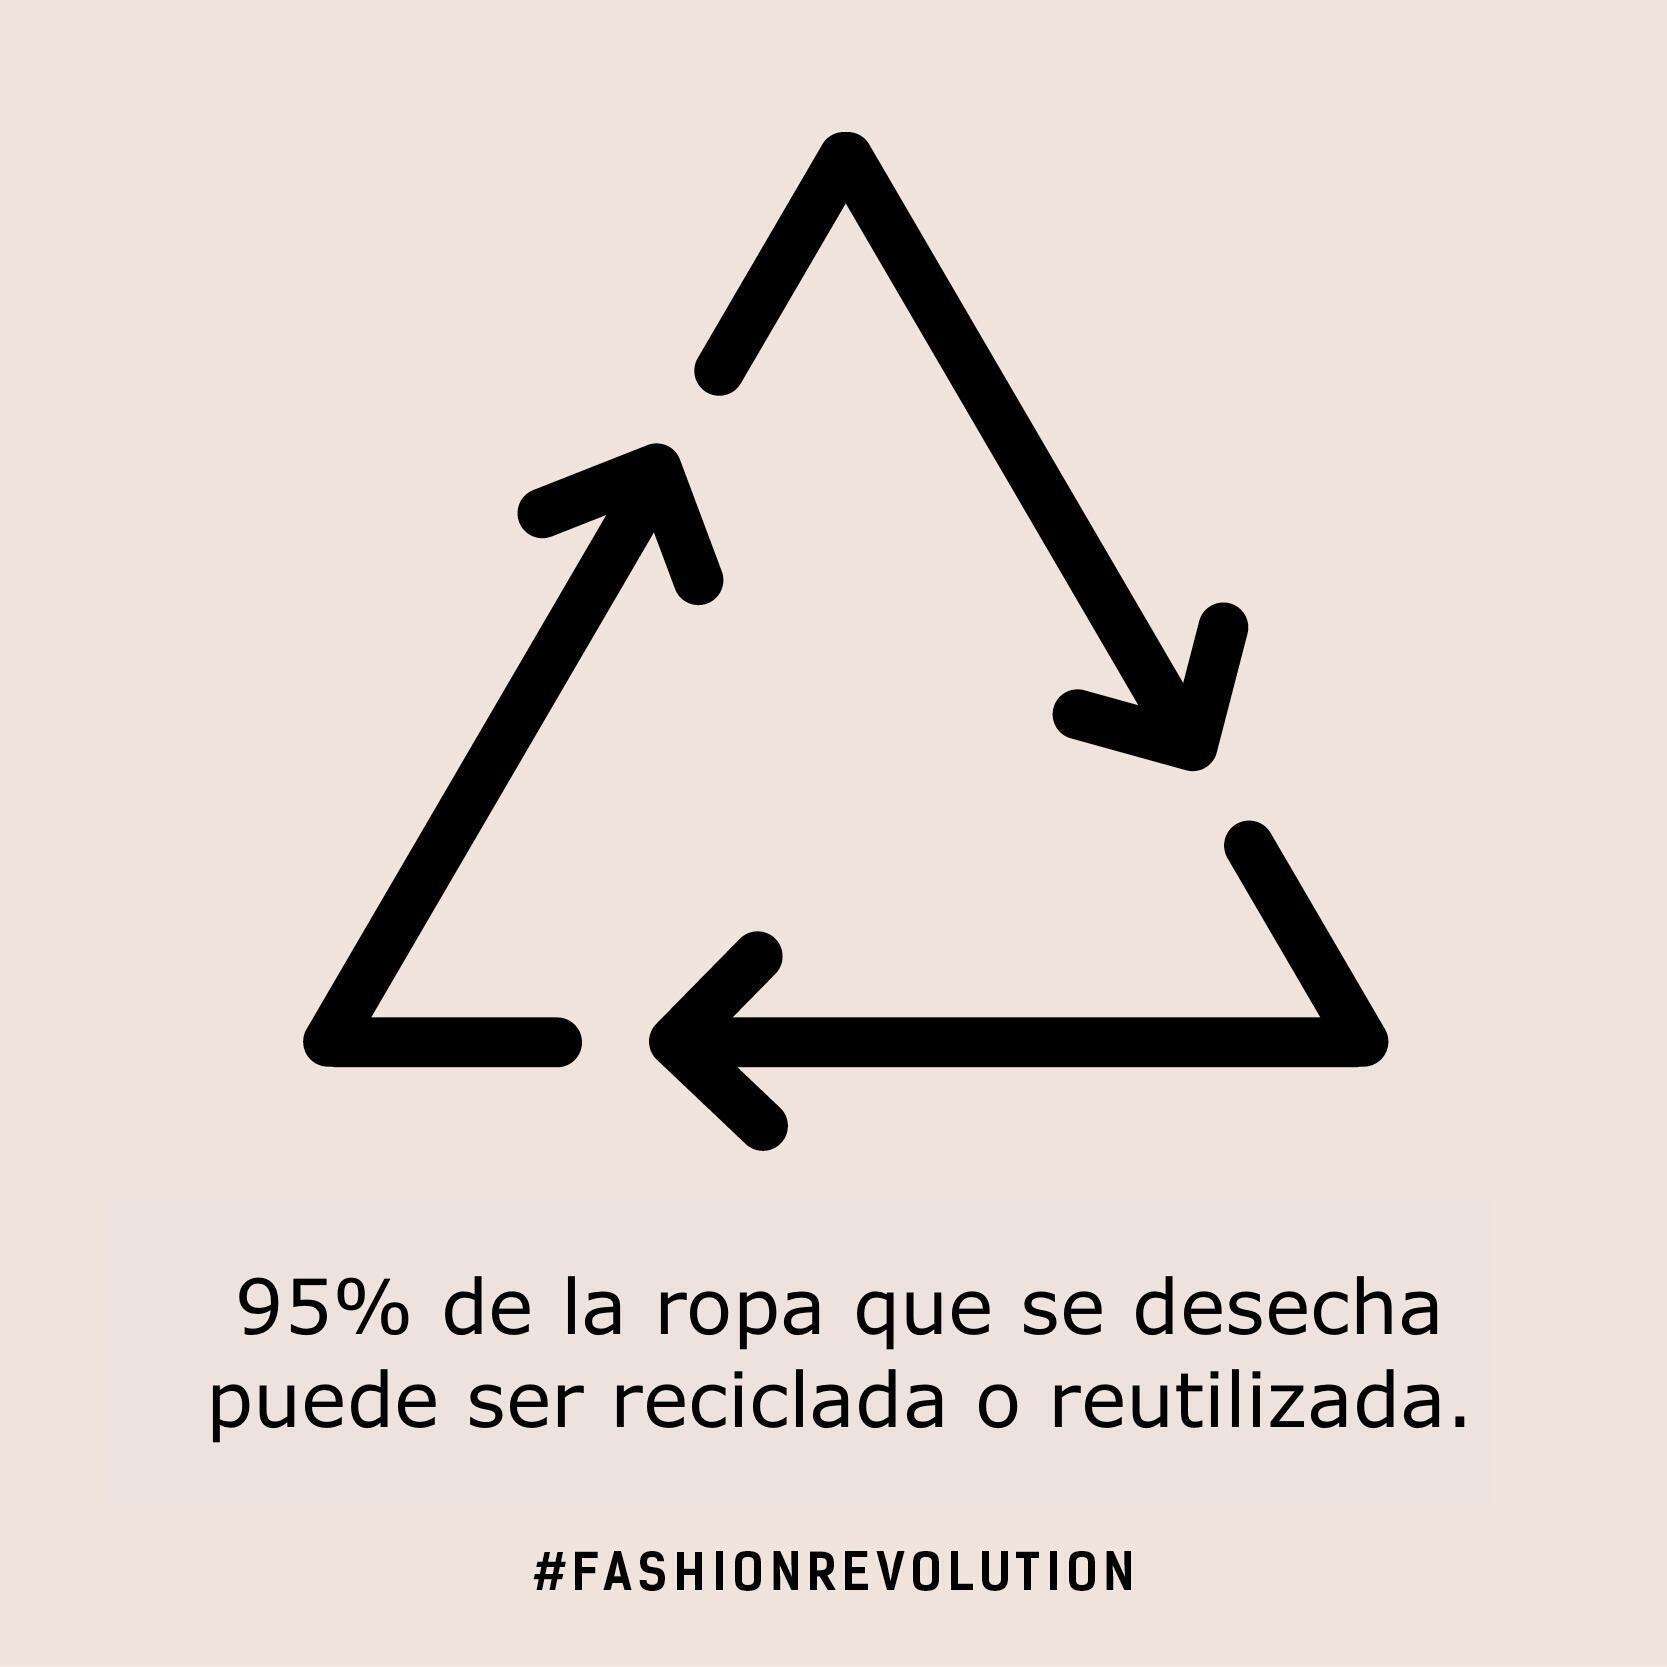 Fashion Revolution analiza las políticas e impactos laborales, sociales y ambientales de las grandes marcas de la moda mundial